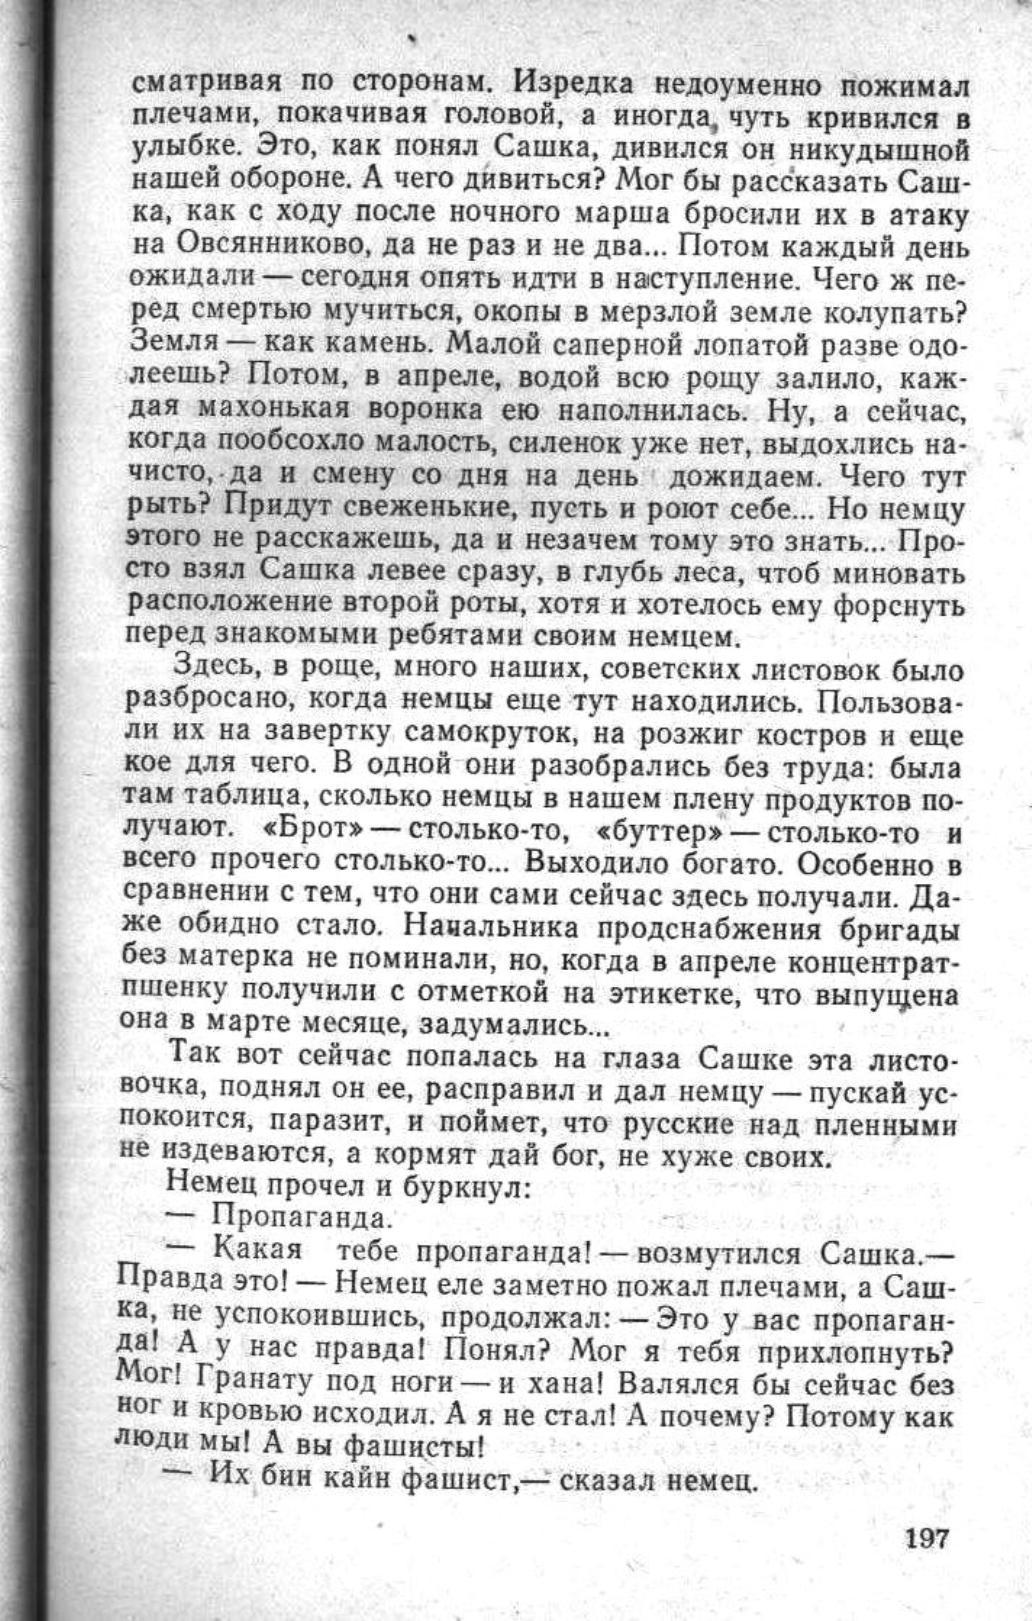 Сашка. Повесть. Вячеслав Кондратьев .002. 016